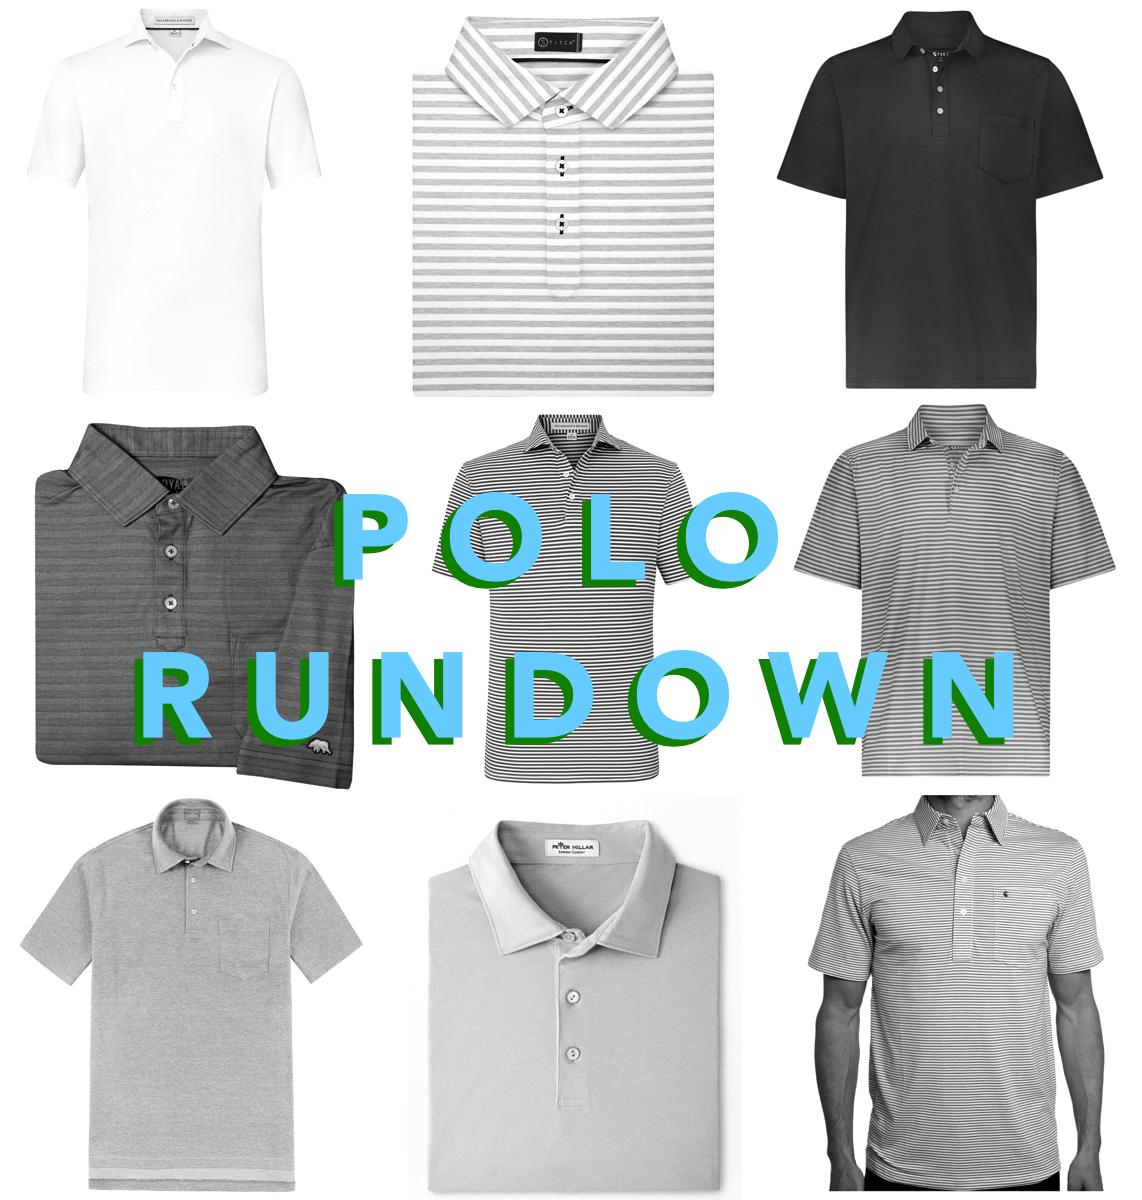 Polo Rundown